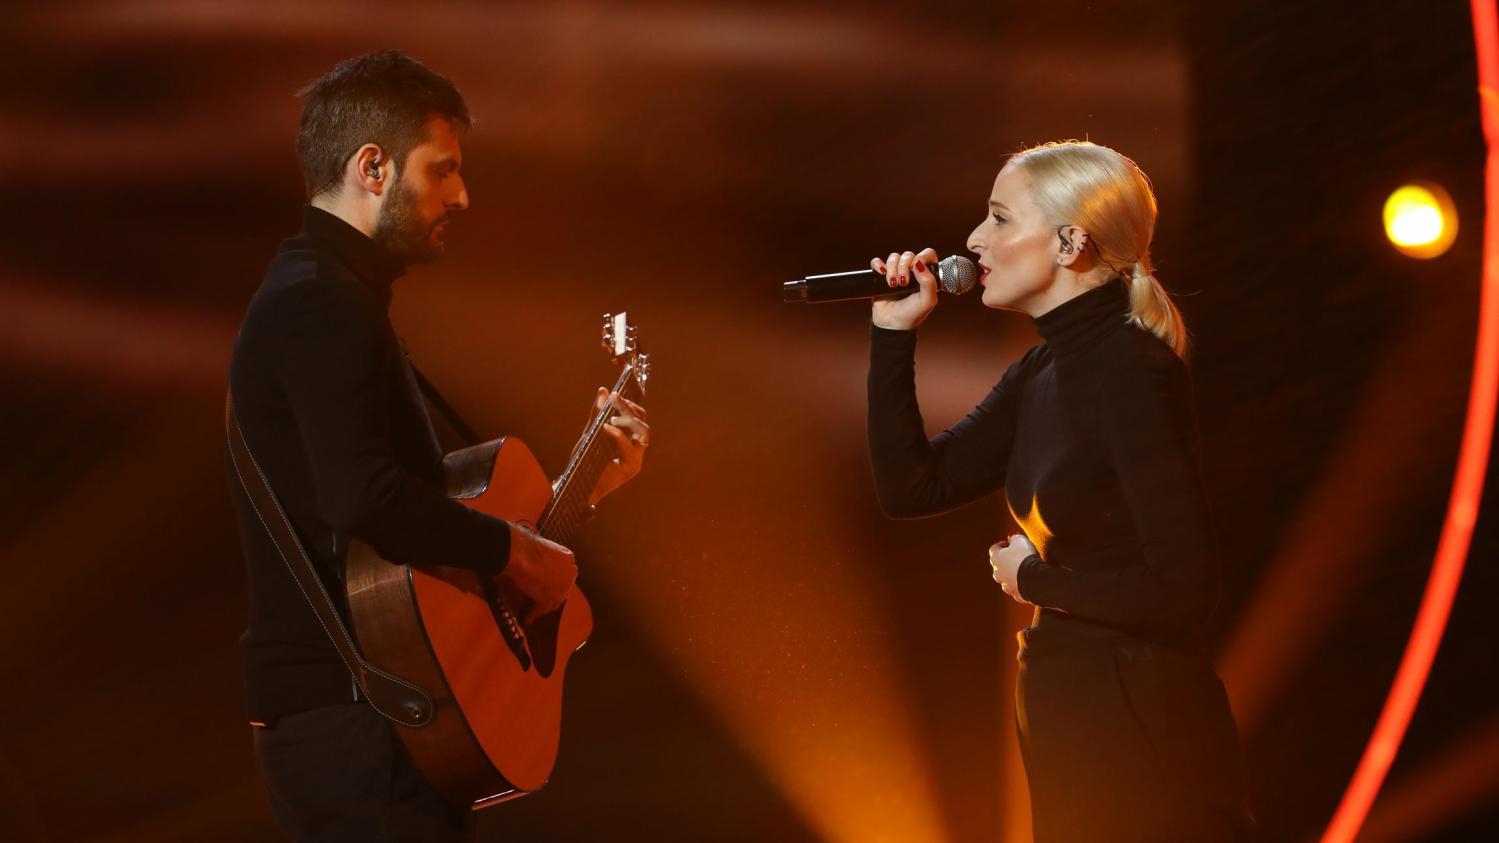 """VIDEO. Eurovision 2018 : """"Mercy"""", la chanson du duo Madame Monsieur qui représentera la France"""